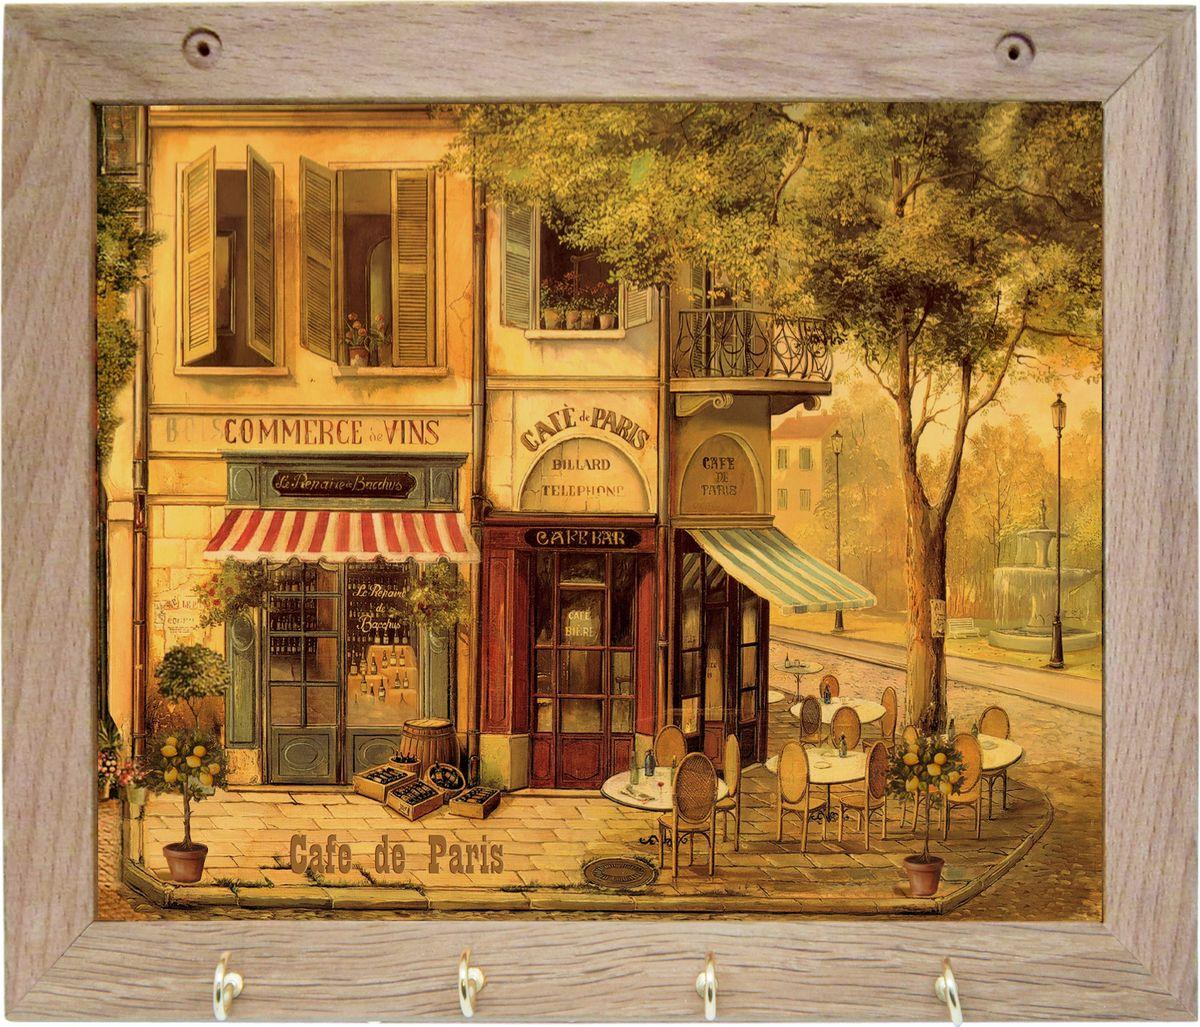 Вешалка GiftnHome Парижское кафе, с 4 крючками, 20 х 25 смTH-CafeArt-Casual - что значит буквально: повседневное искусство - это Новый тренд, новый стиль предложения обычных домашних аксессуаров в качестве элементов, задающих стиль и шарм окружающего пространства.Уникальное сочетание привычной функциональности и декоративной, интерьерной функции - это актуальная, современная тенденция от прогрессивных производителей товаров для дома. Вешалка для полотенец - это всем знакомый, понятный и нужный предмет в каждом доме.Проект GiftnHome предлагает серию изделий из натурального дерева (Eco-Life), в комбинации с модными цветными принтами на корпусе от Креативной студии AntonioK.Это изделия больше, чем просто крючки для полотенец, они несут интерьерное решение, зададут настроение и стиль на вашей кухне, столовой или дачной веранде. В серии Эко-Лайф, от GiftnHome - можно, так же приобрести ключницы, подносы и столики в постель из благородных пород дерева (бук, дуб), с актуальными дизайнами на поверхности древесины.